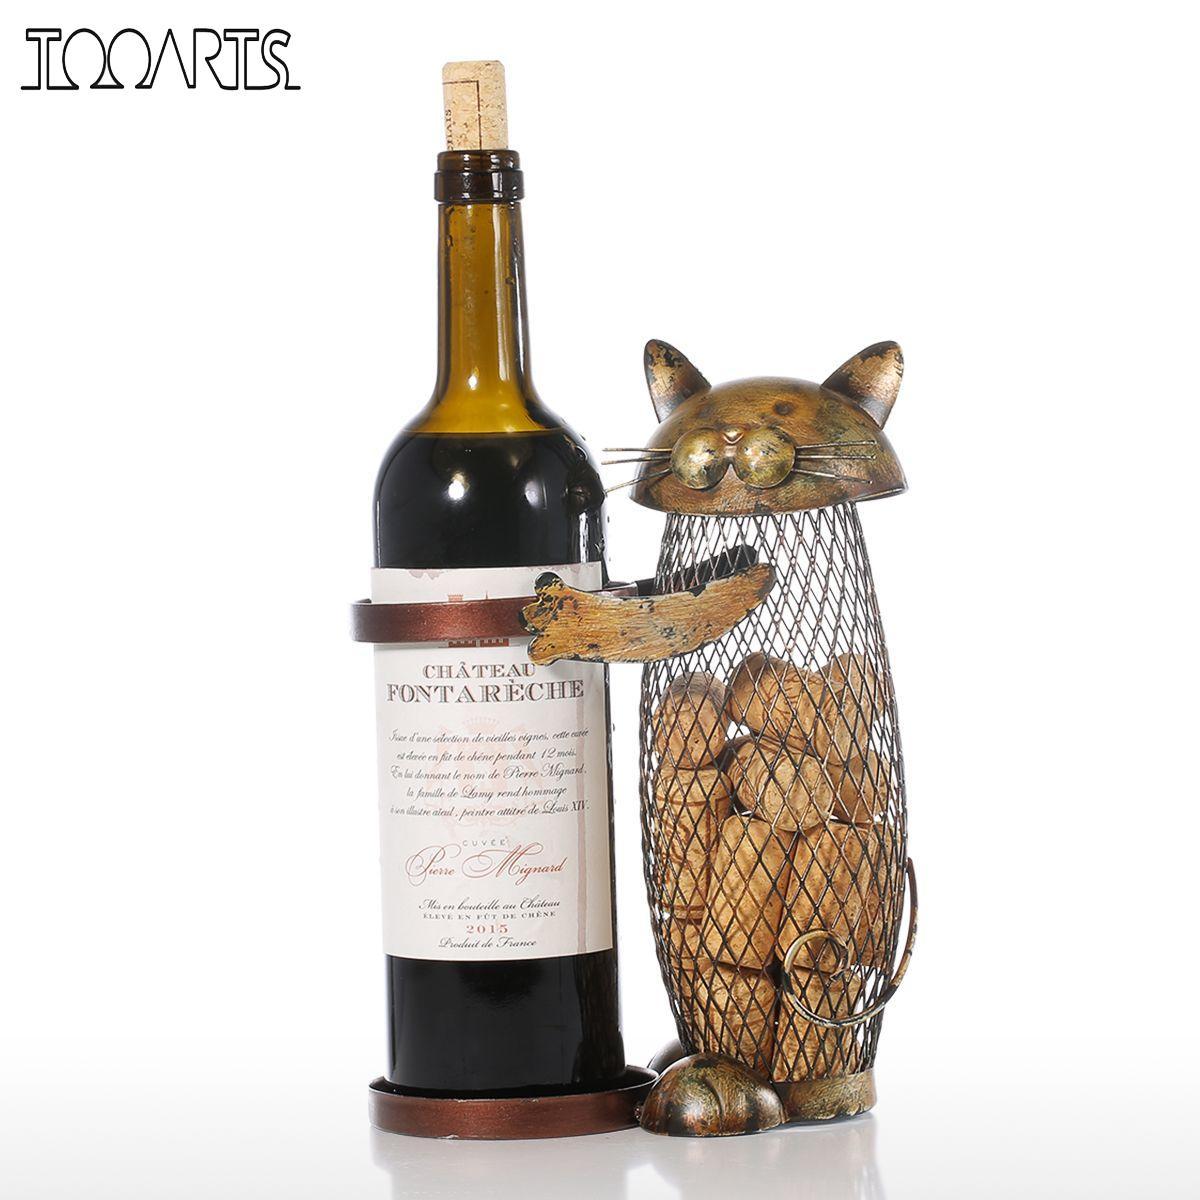 Tooarts gato estante de vino de corcho de botella de vino titular de Bar de cocina de vino de regalo de Navidad de artesanía de vino de madera